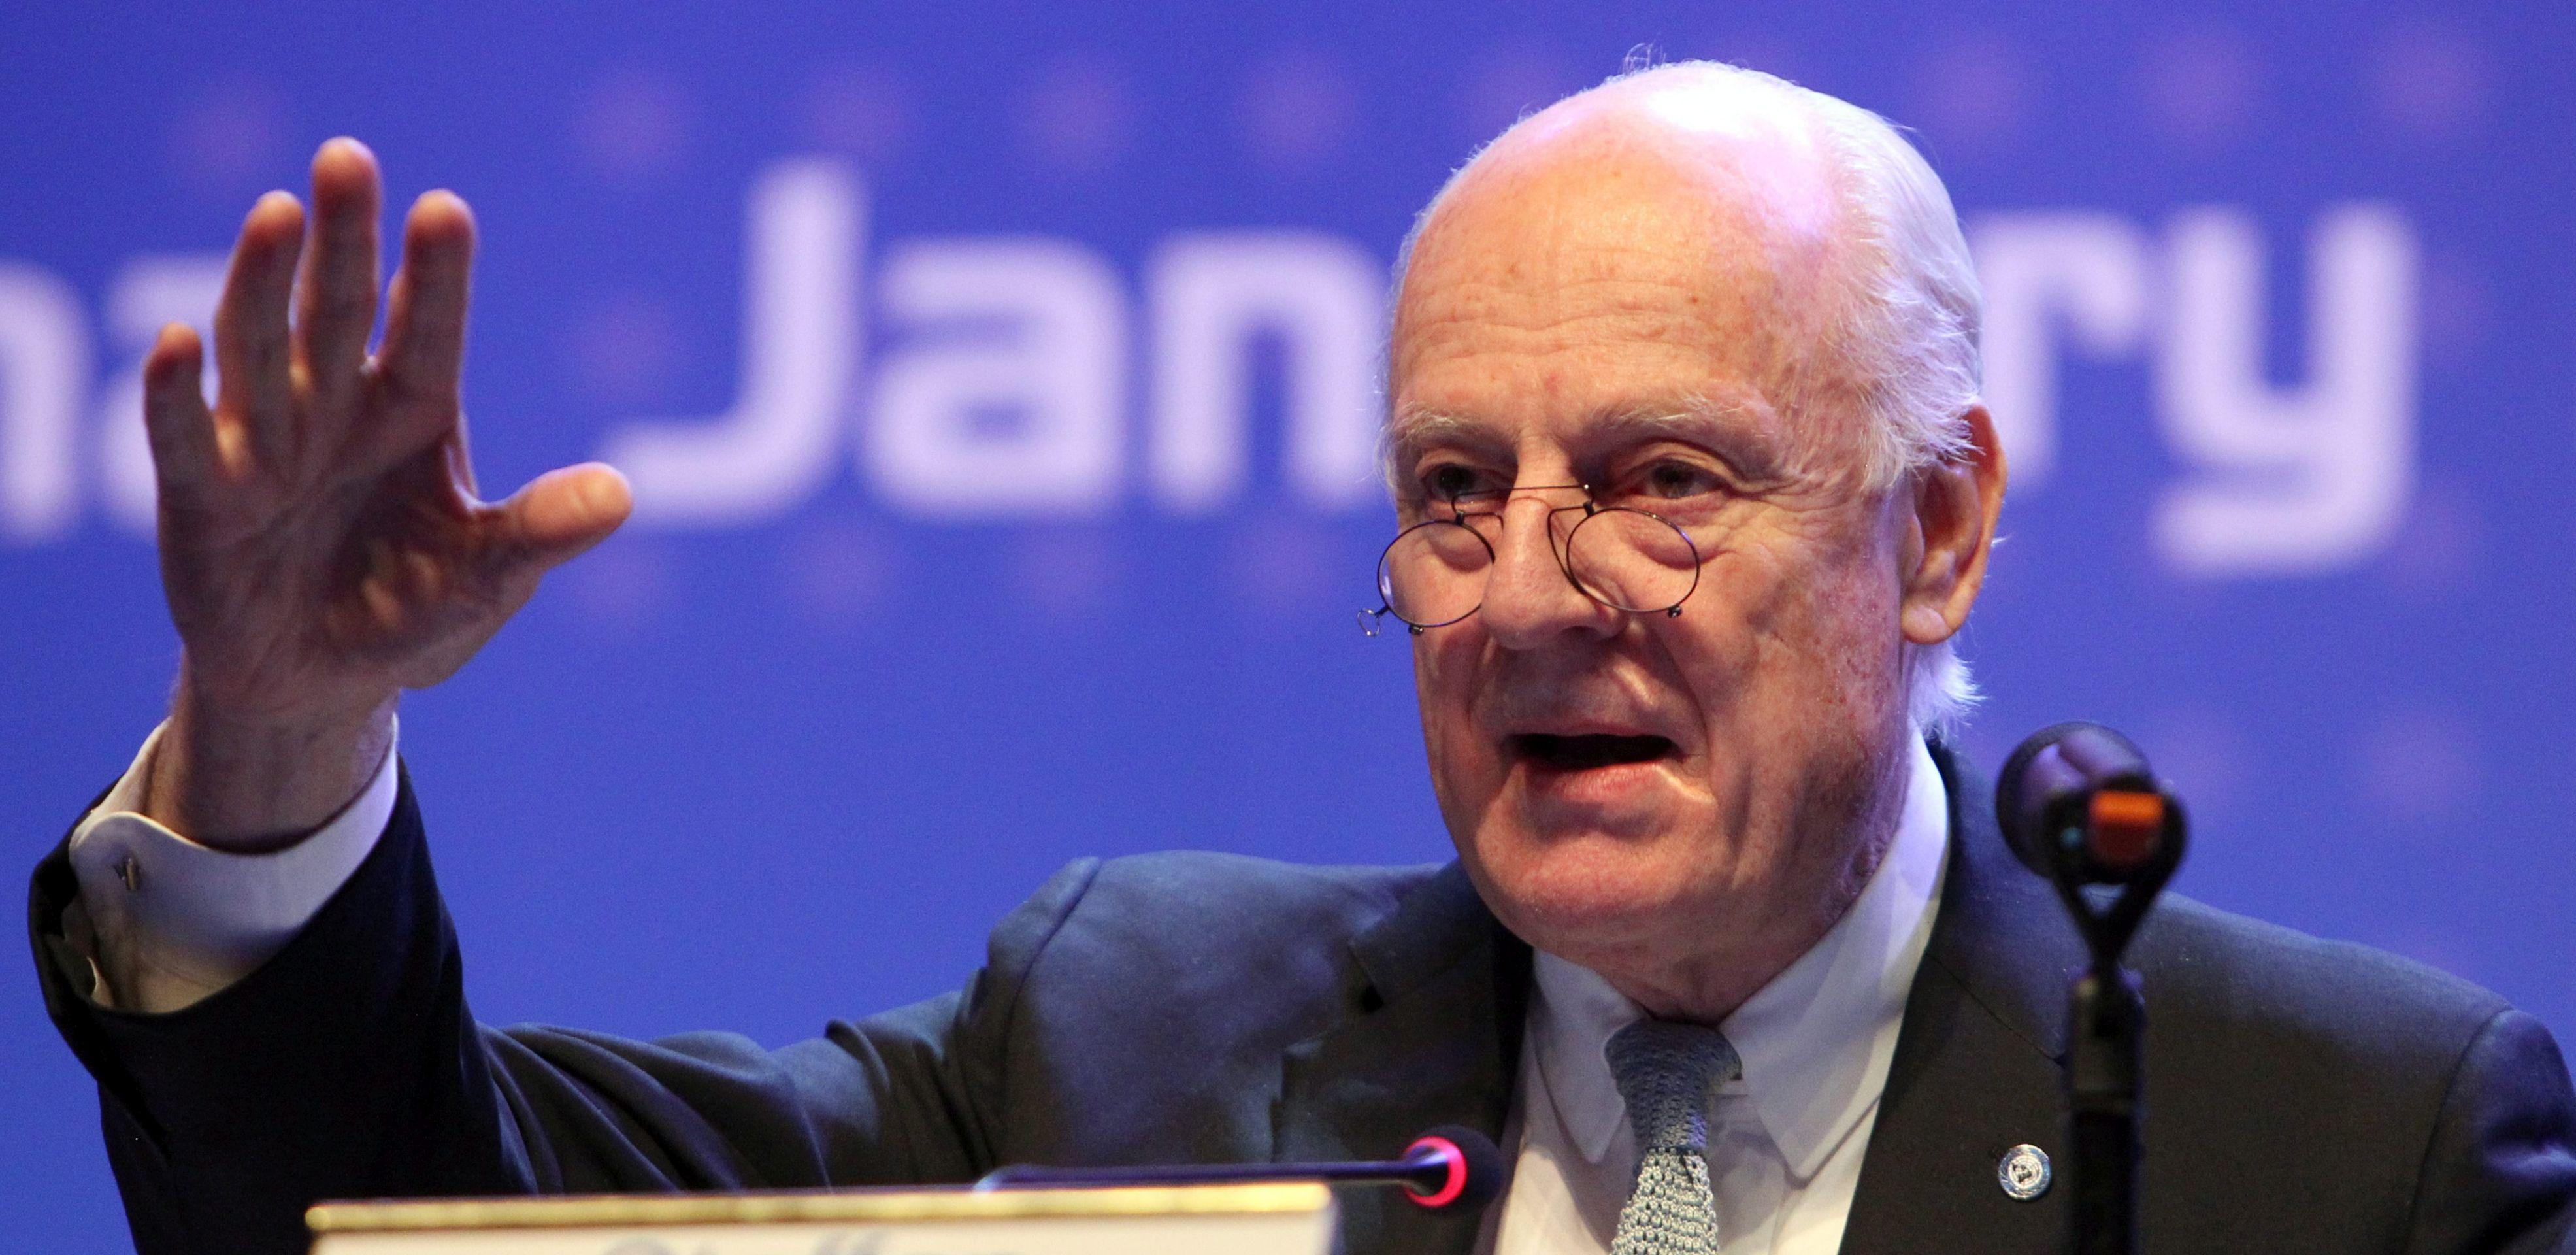 UN Pregovori o Siriji održat će se u Ženevi 23. veljače